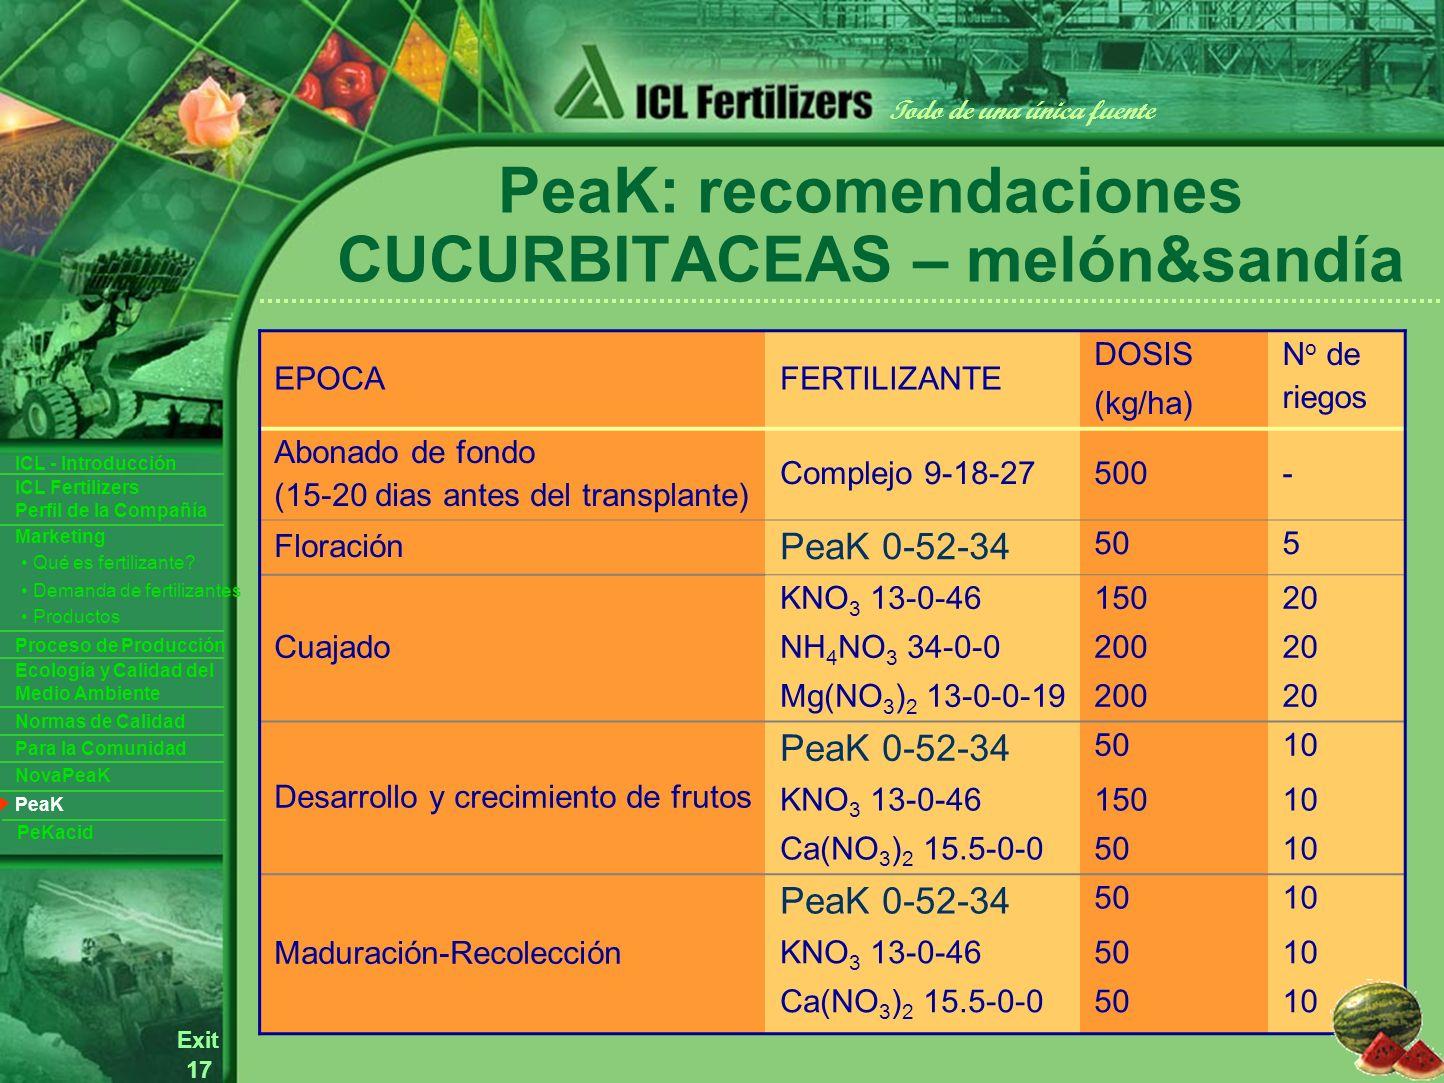 17 Exit Todo de una única fuente ICL Fertilizers Perfil de la Compañía ICL - Introducción Productos Para la Comunidad Ecología y Calidad del Medio Ambiente Normas de Calidad Marketing Proceso de Producción Demanda de fertilizantes Qué es fertilizante.